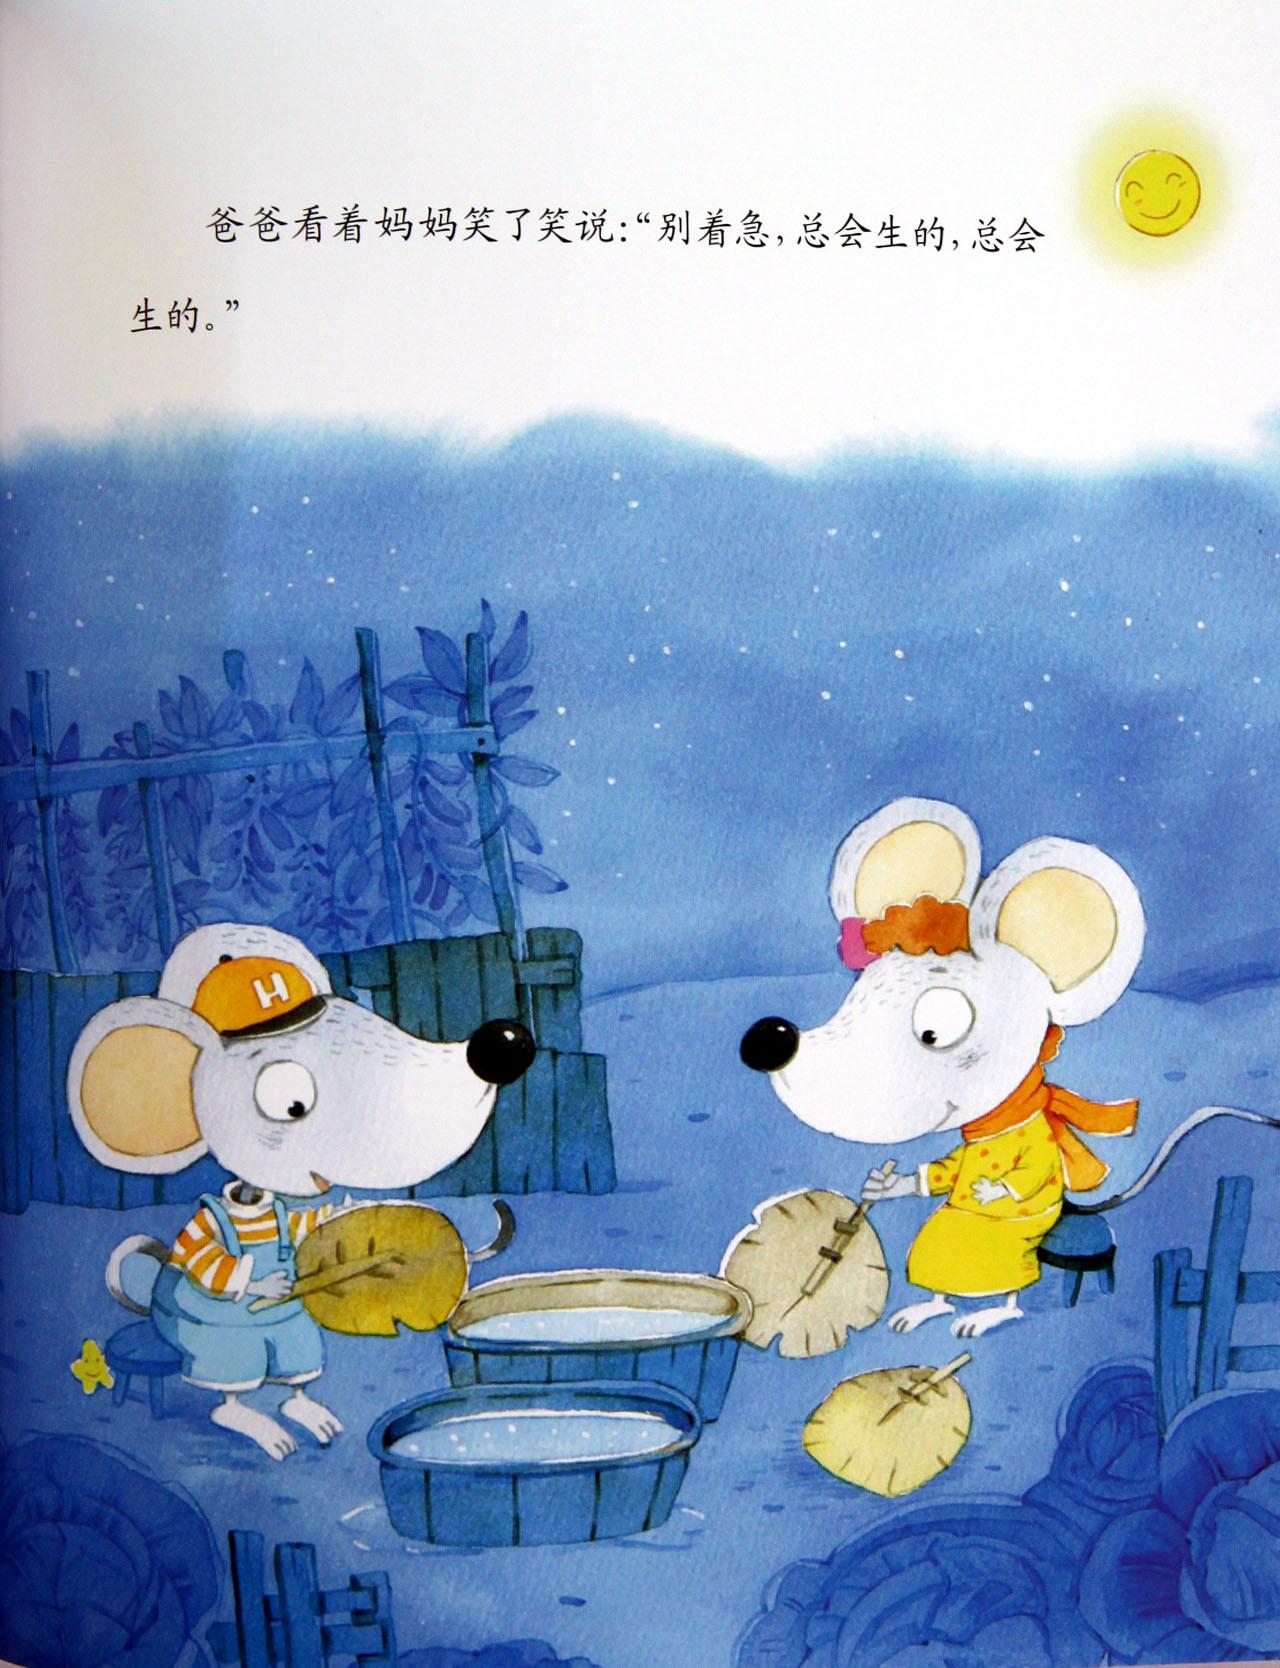 本书描写了一对小老鼠姐弟俩稀里和哗啦的可爱,可爱,可叹,可敬的